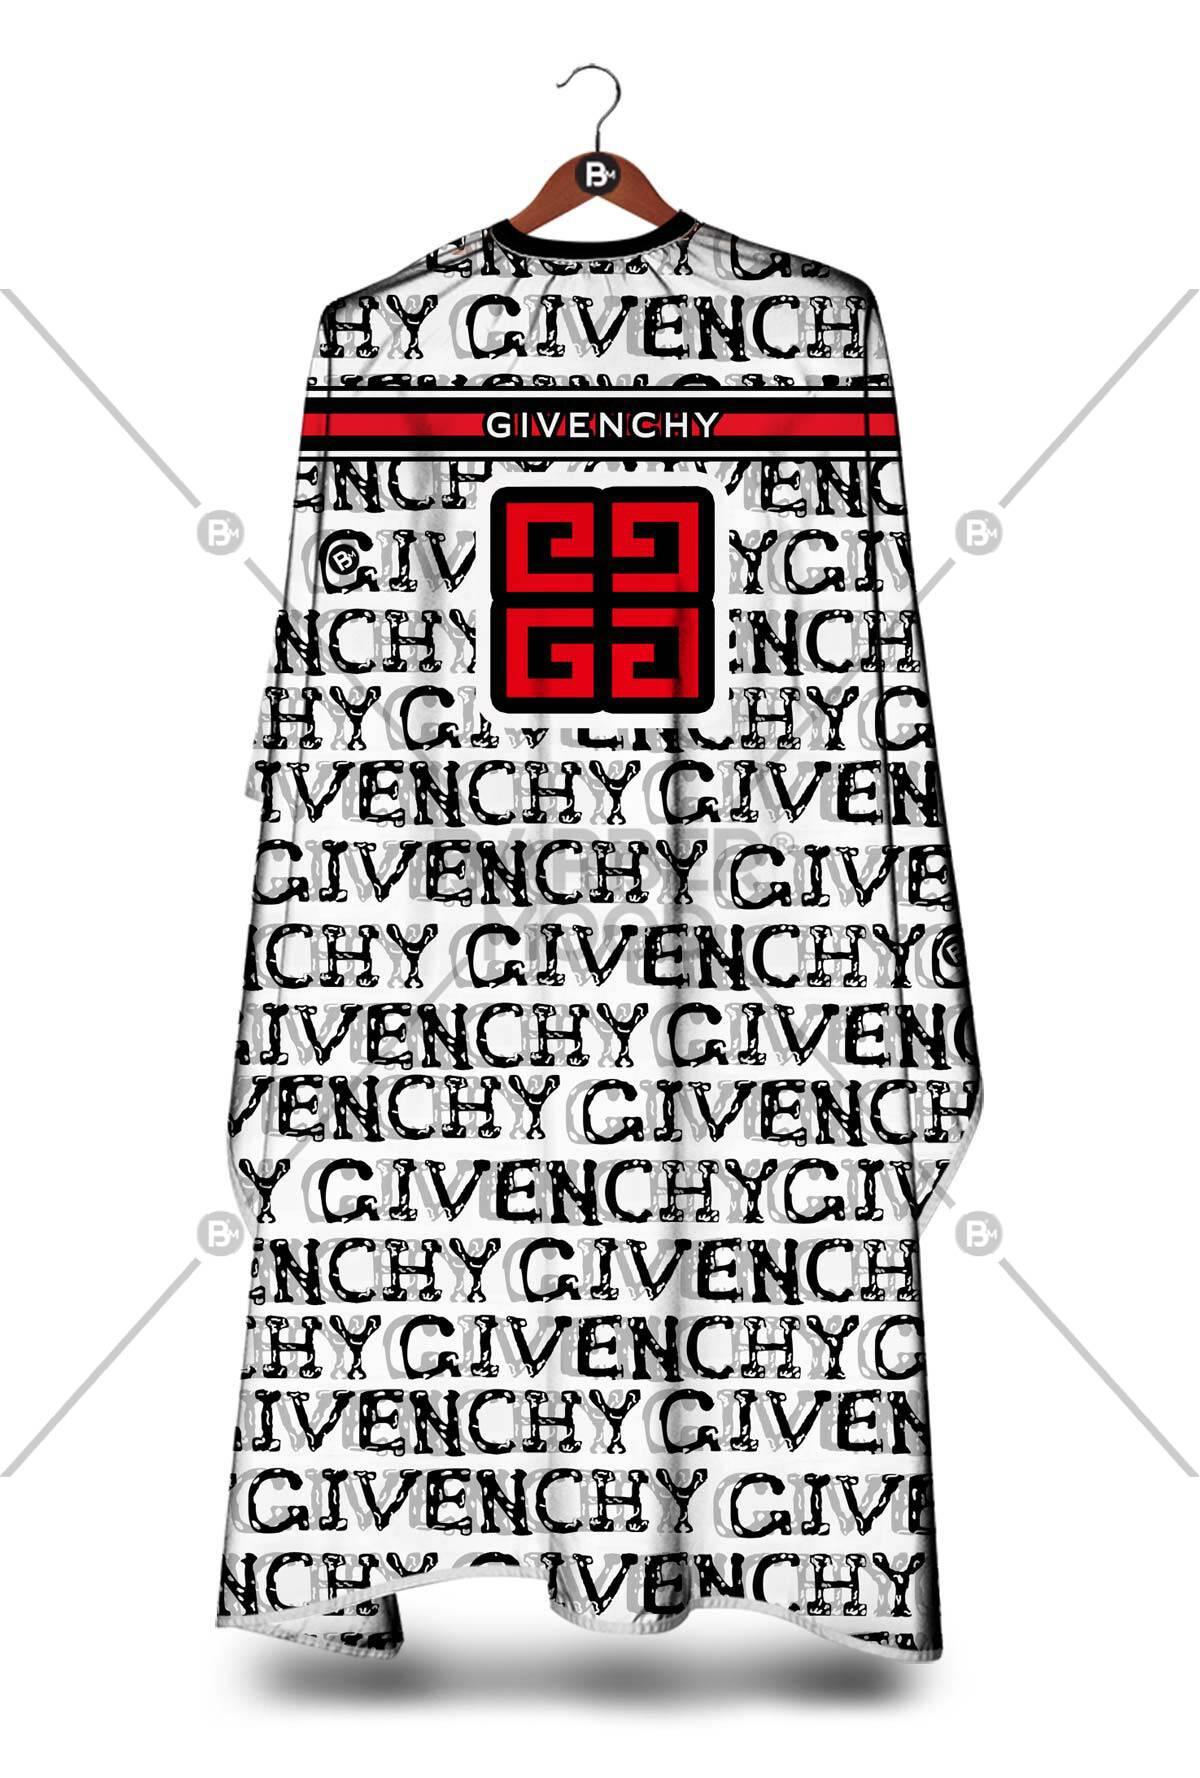 Givency Penuar ürünü tüm müşterileriniz tarafından ilgi ile incelenebilecek, yumuşak dokusu ile antistatik özelliği sayesinde asla kıl, sakal veya tüy tutmayacaktır.